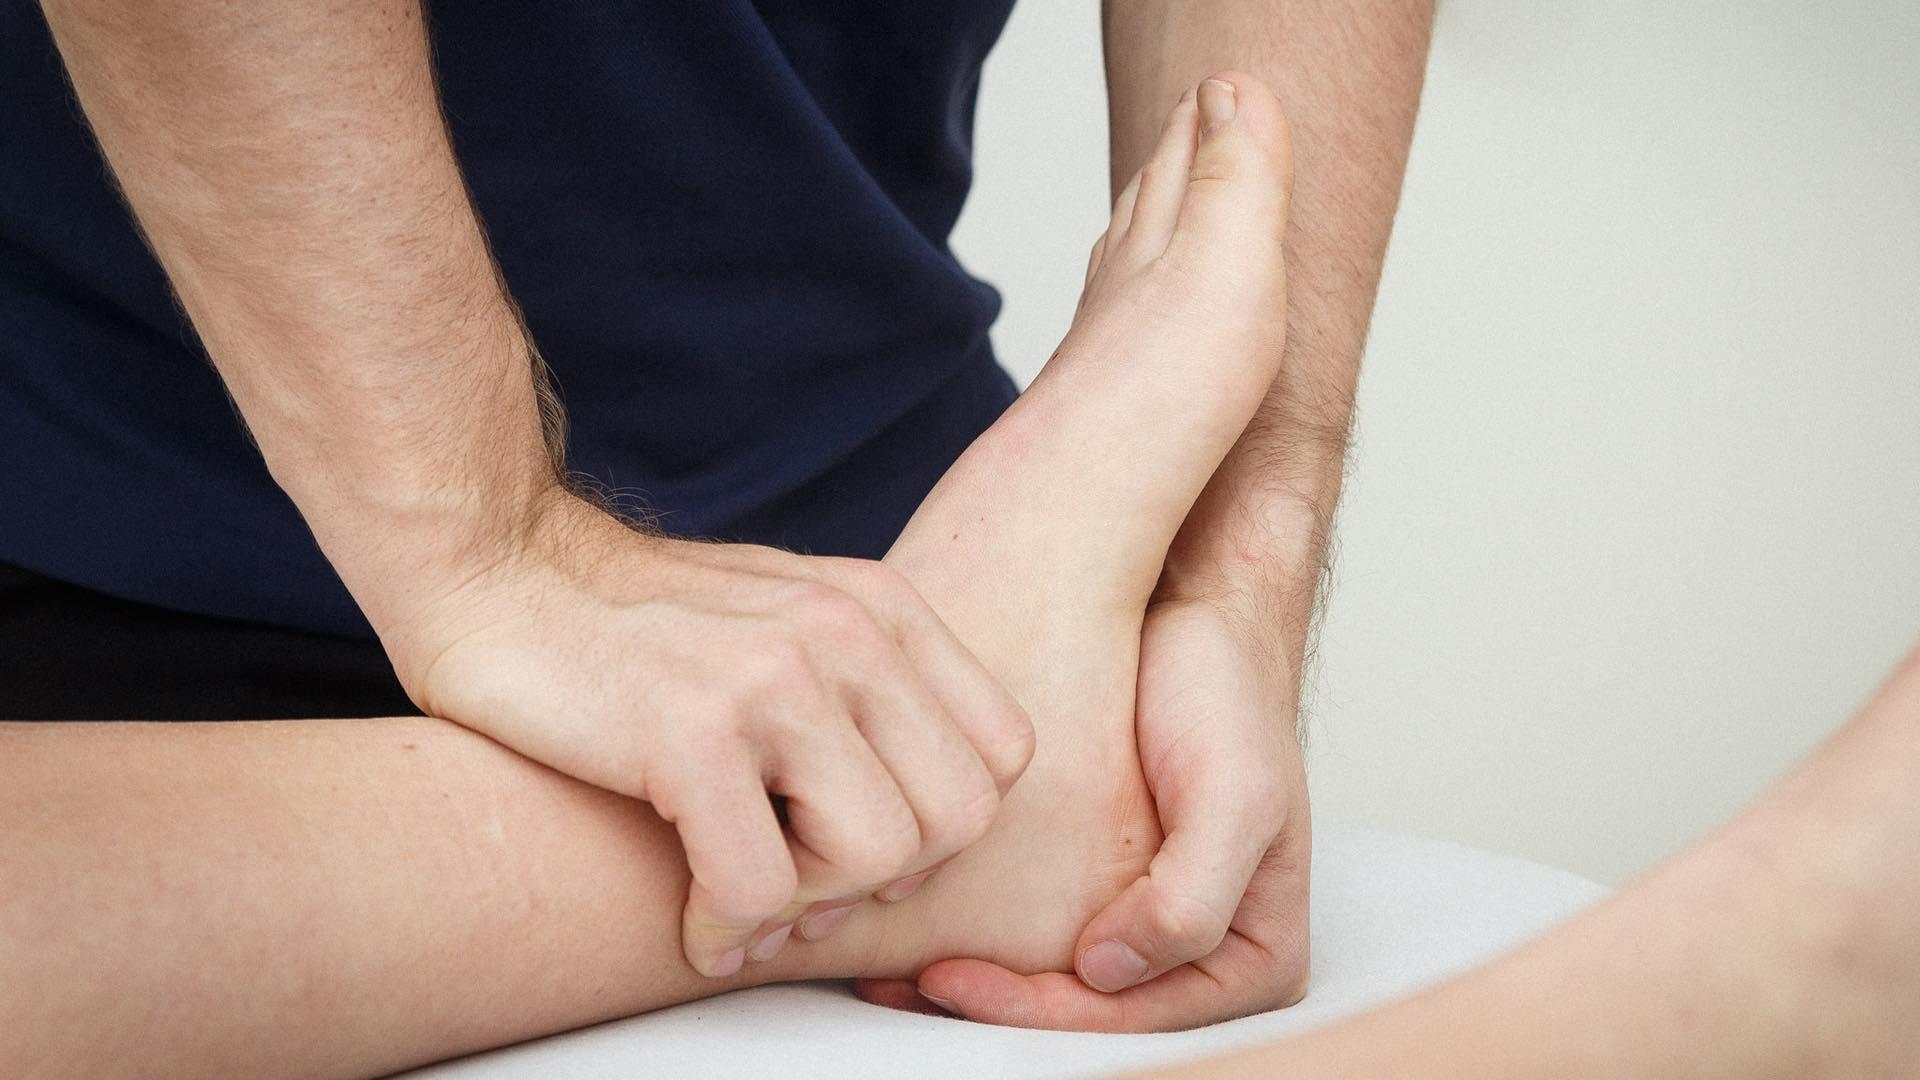 svangsenebetændelse, ondt i hælen under foden, smerter i forfoden